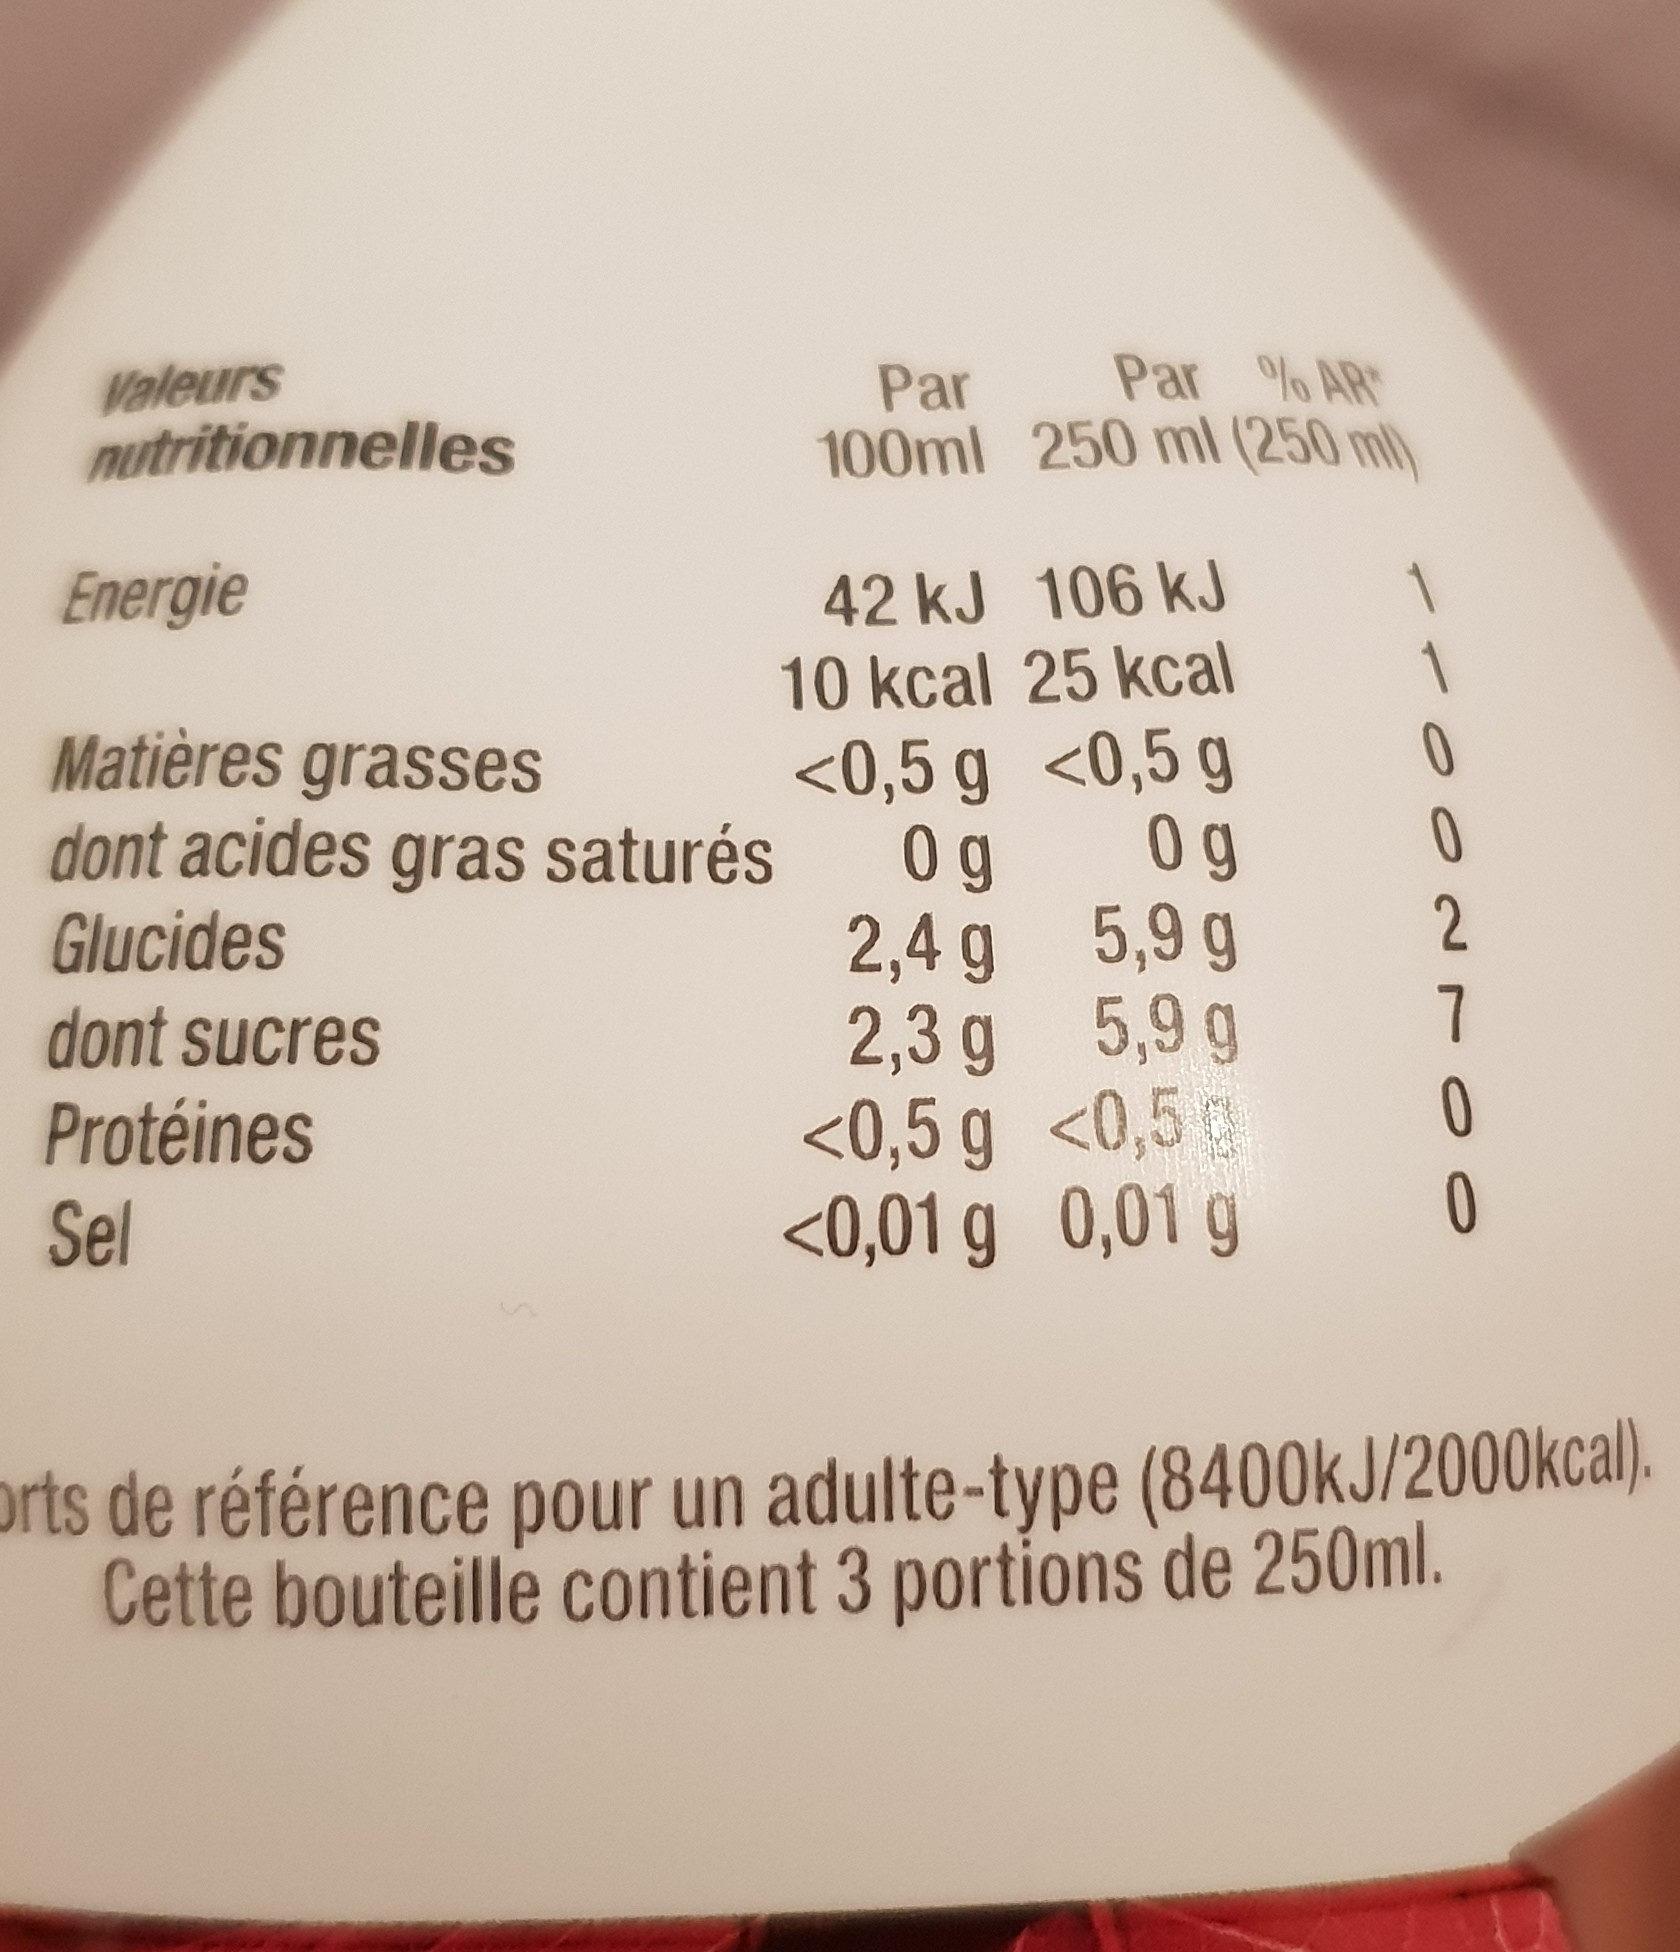 Eau infusée Hibiscus saveur Litchi & Fruit de la Passion - Informations nutritionnelles - fr